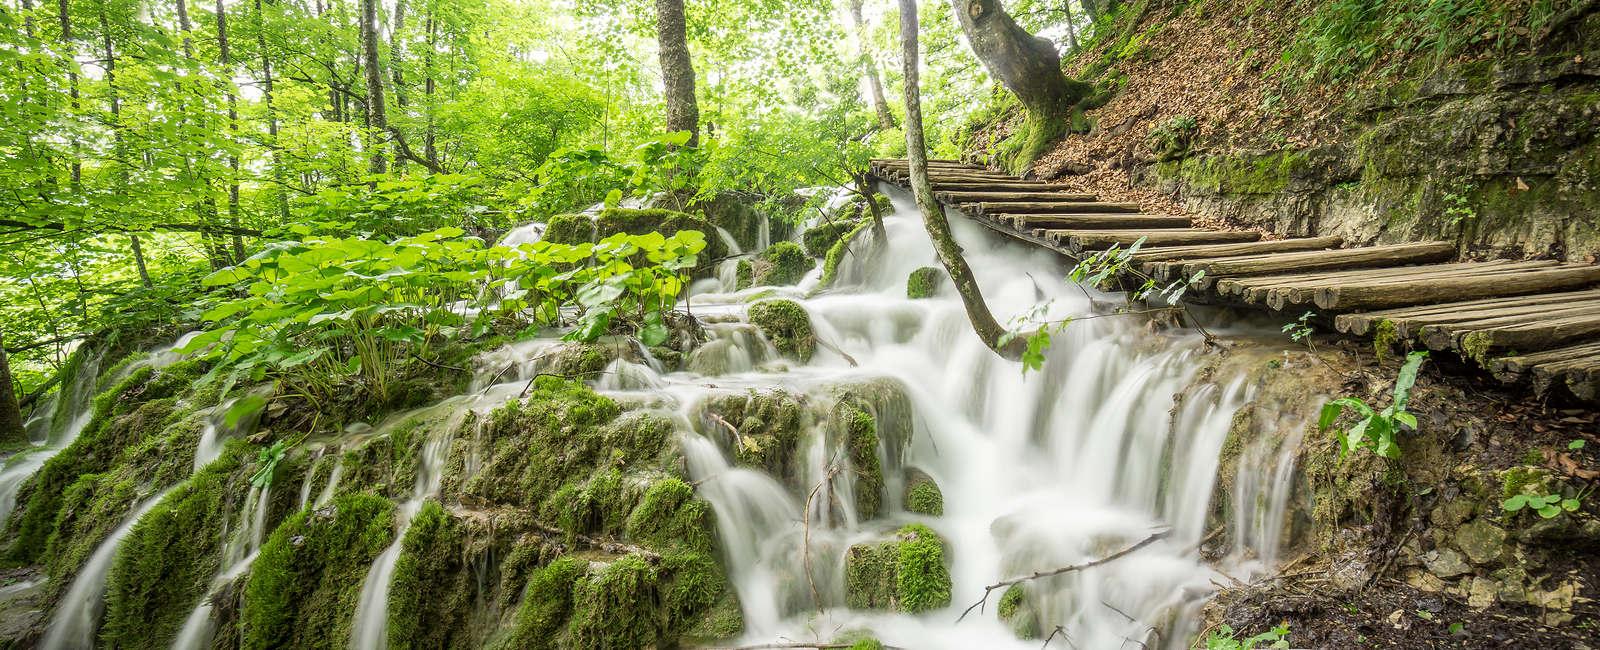 Croatia's National Parks